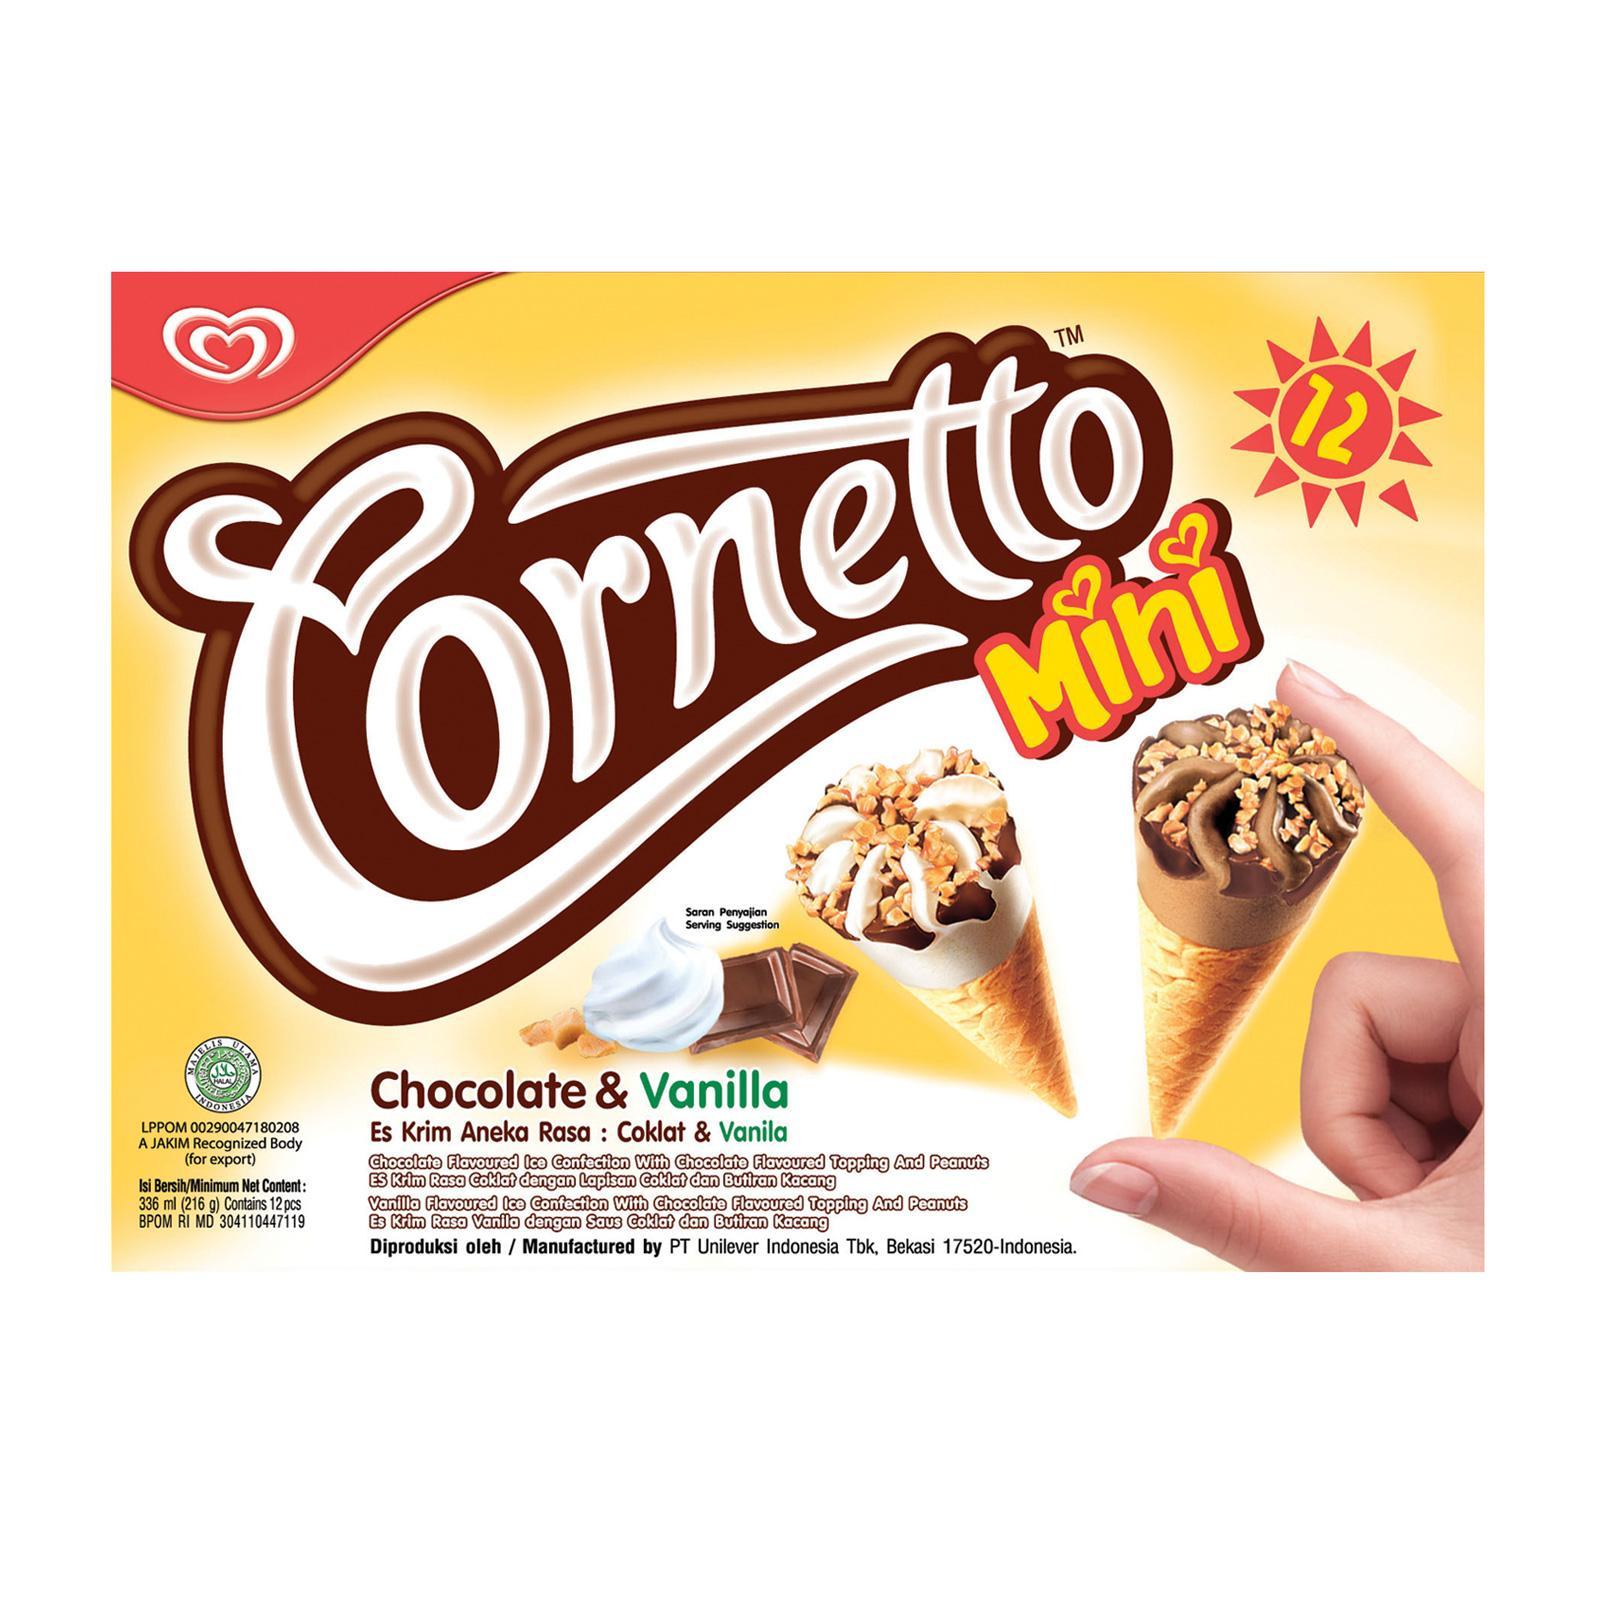 Cornetto Mini Chocolate and Vanilla Ice Cream